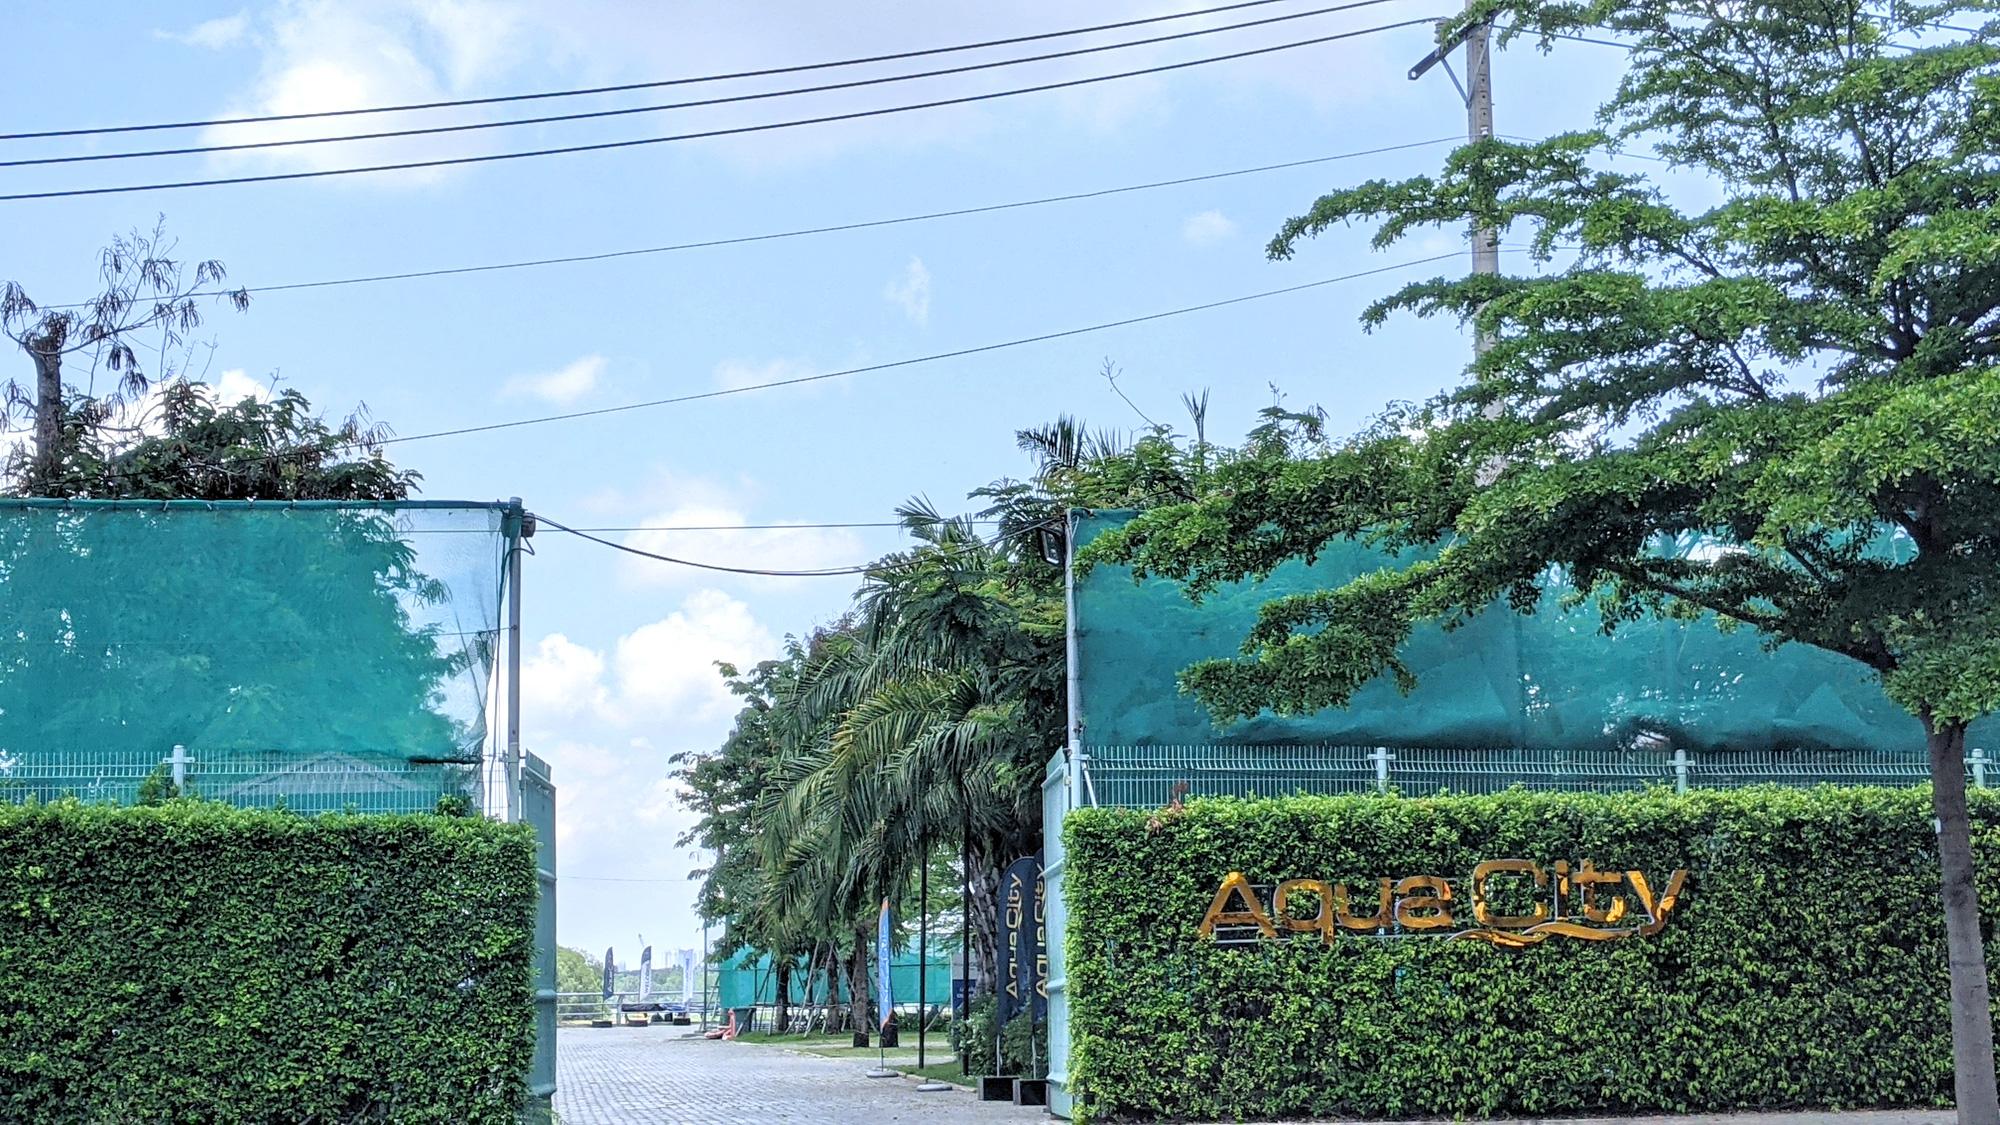 Doanh nghiệp liên quan Novaland huy động 500 tỷ cho dự án Aqua City - Ảnh 1.